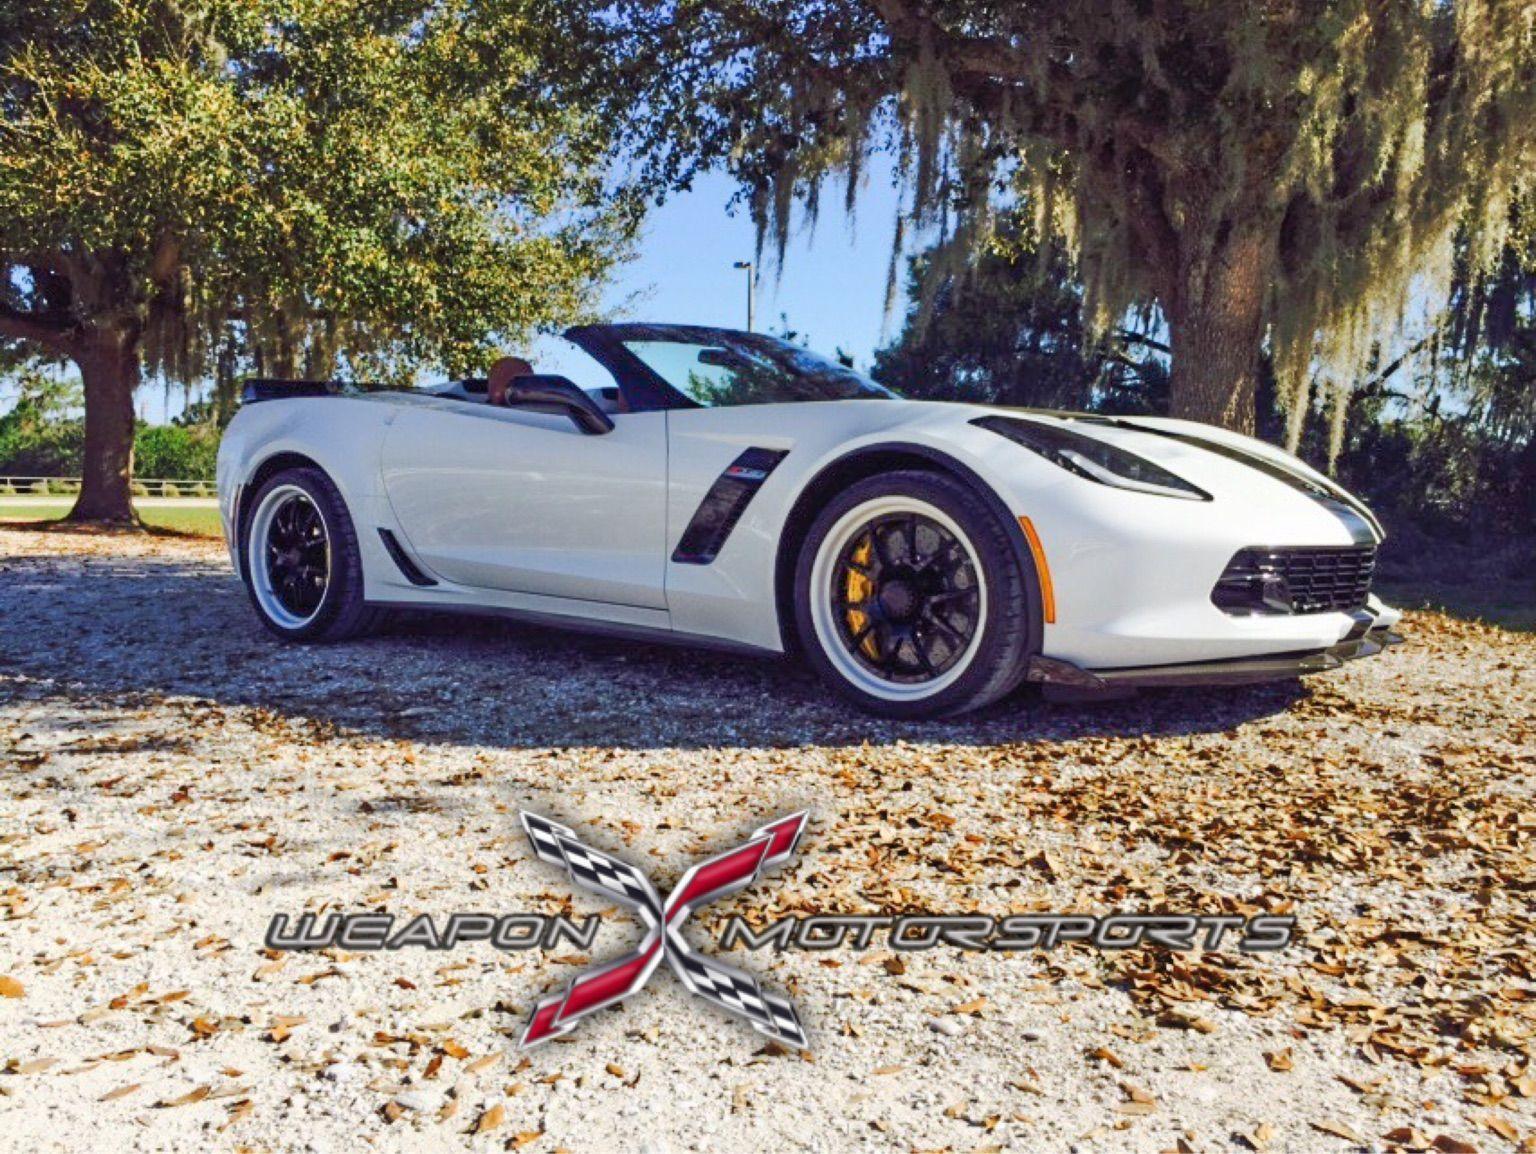 2015 Chevrolet Corvette Z06 | C7 Z06 Convertible on GA3R Center Locking Wheels